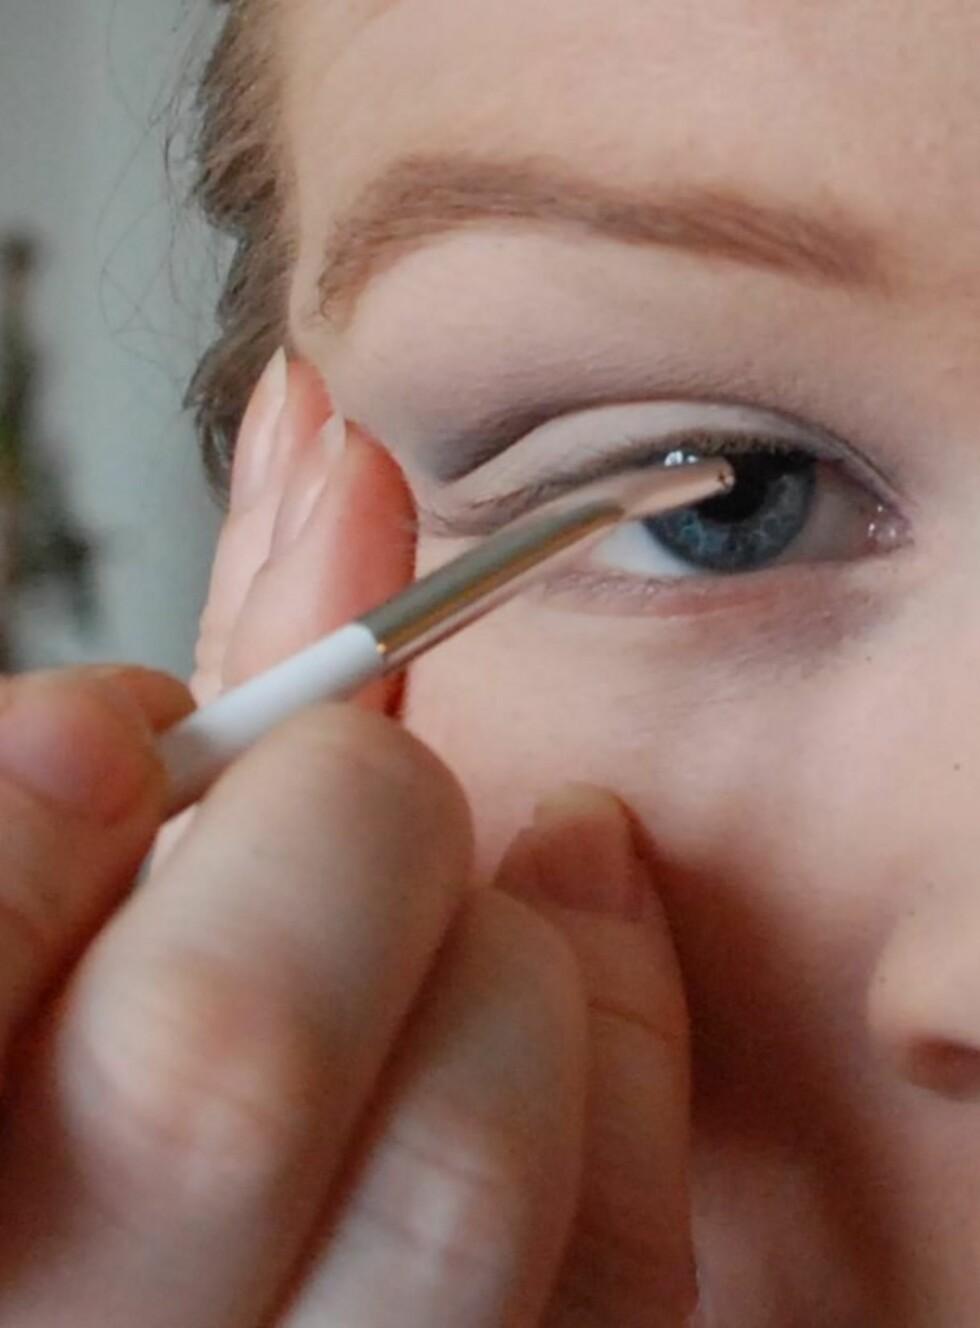 <strong>TRINN 1:</strong> Begynn ved indre øyekrok og tegn en tynn strek langs øvre vippekant. Ved å ha speilet litt lavere enn øyet og kikke ned i det, blir det lettere å tegne streken siden du kan ha øyet åpent. Dette er spesielt viktig når du tegner opp streken nærmest indre øyekrok. Lukk gjerne øyet når du nærmer deg ytre øyekrok. Jobb hele tiden med små, korte bevegelser, da er det enklere å unngå feil.  Foto: Aina Kristiansen/Pudderkvastrabagast.com